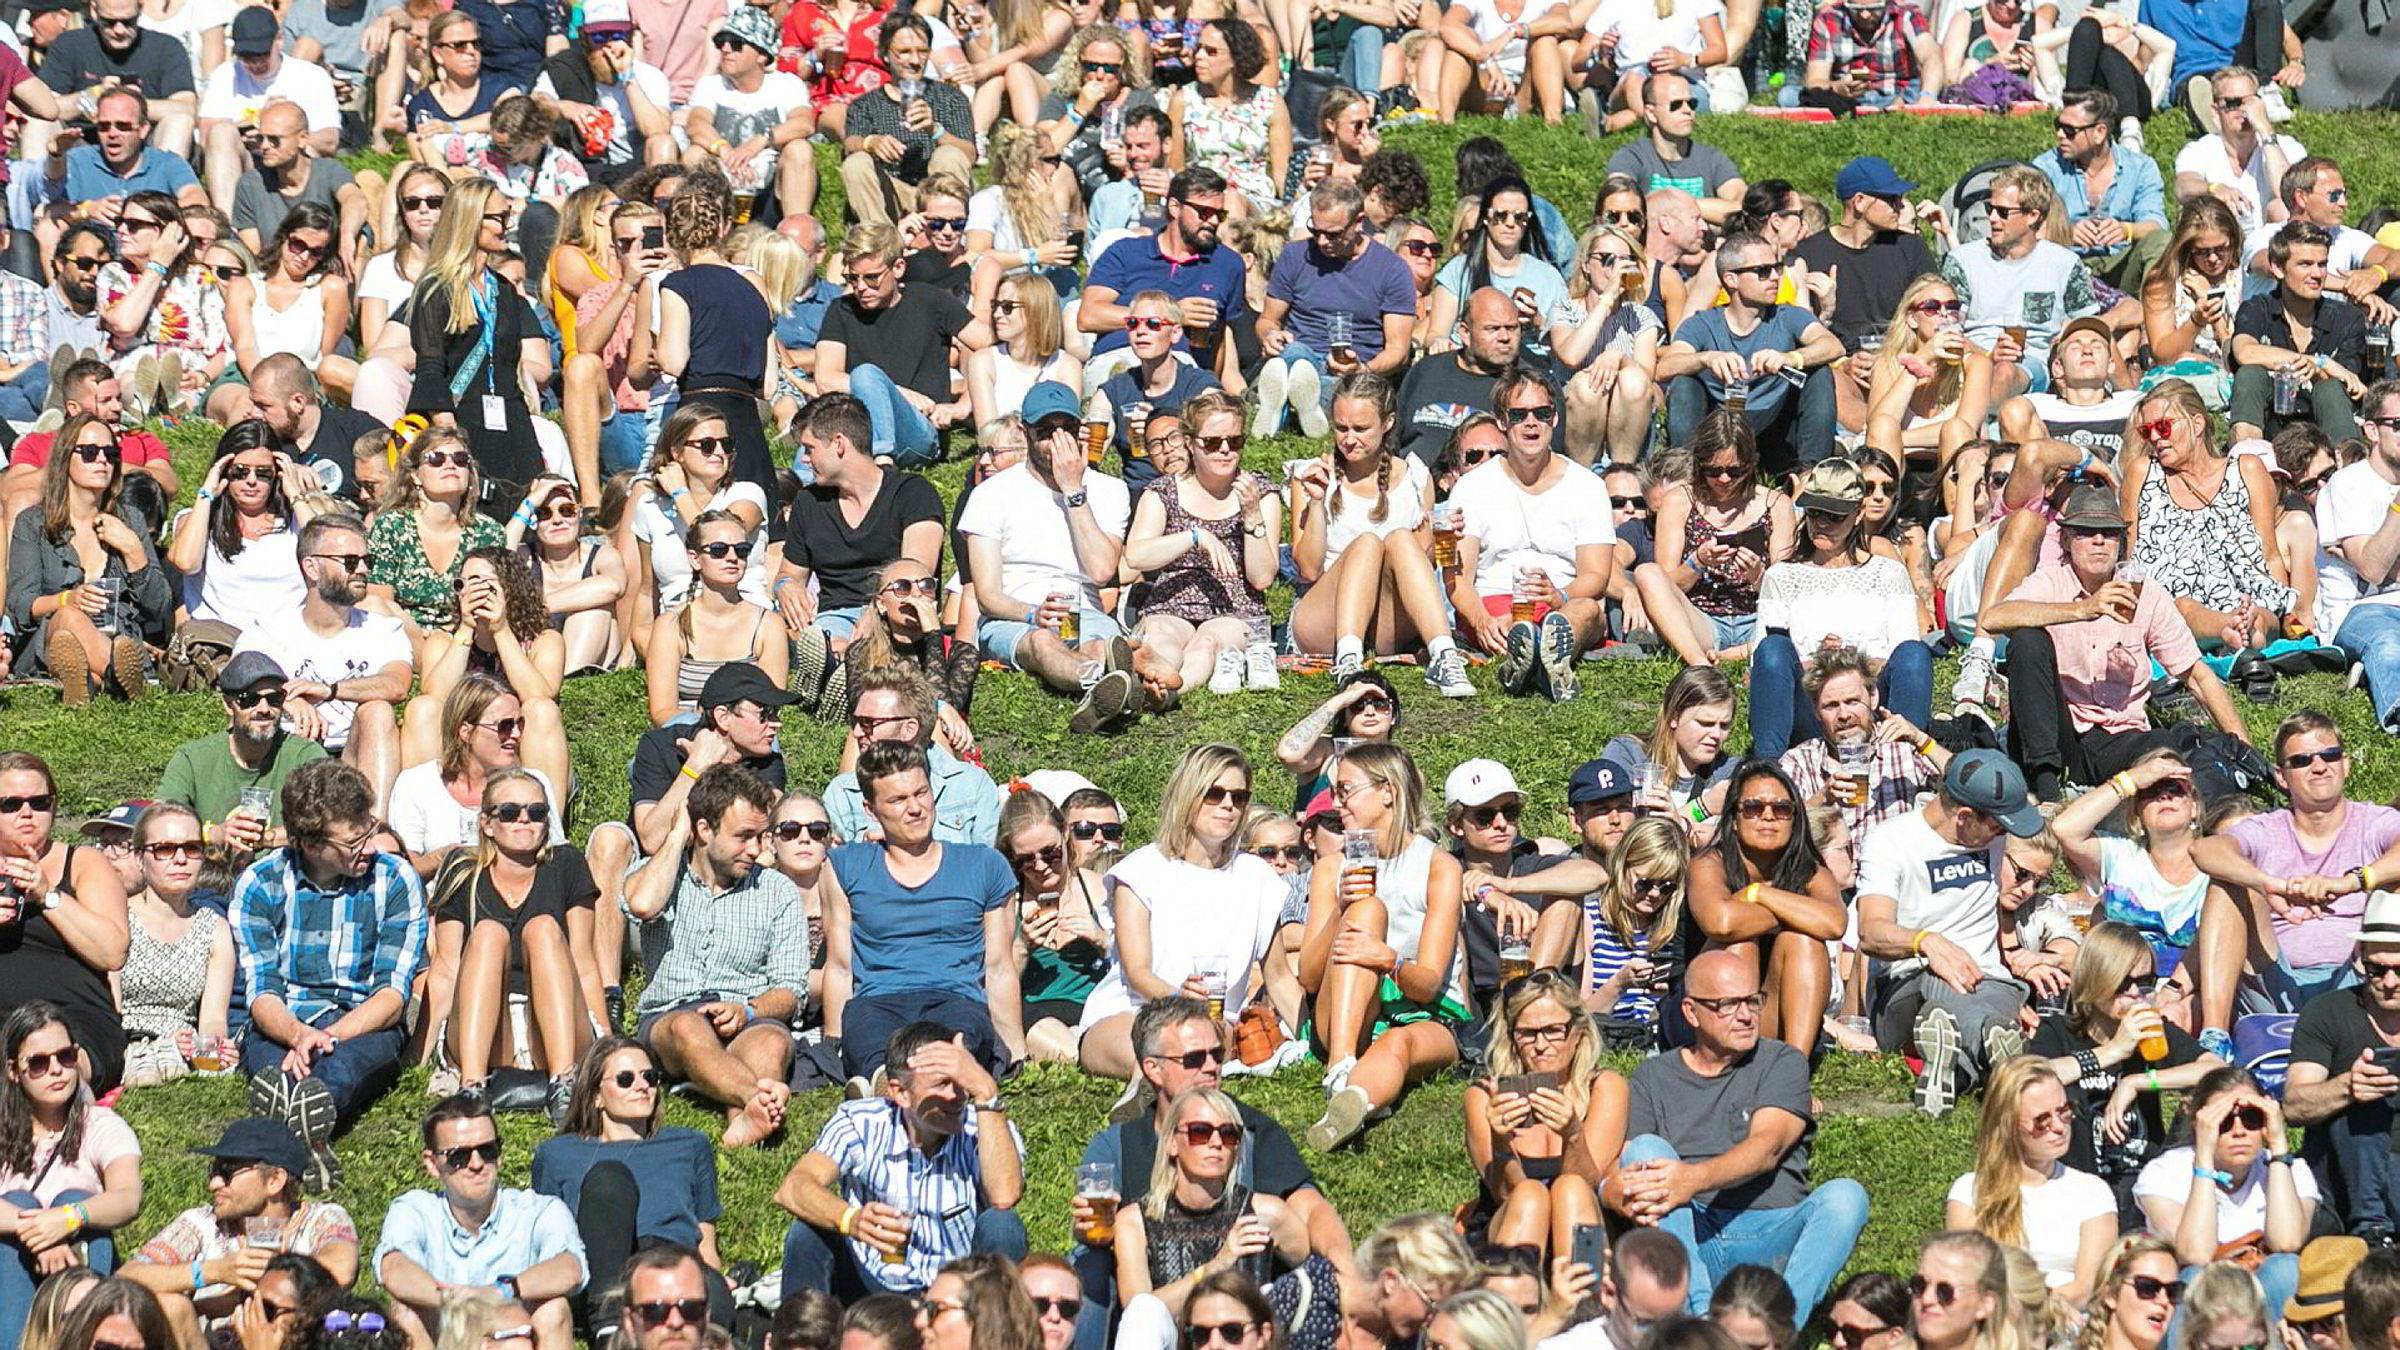 Ifølge forskning er de menneskene vi omgås svært viktige for vår langsiktige lykkefølelse. På bildet nyter folk musikken og solen under Øyafestivalen i Tøyenparken i Oslo.